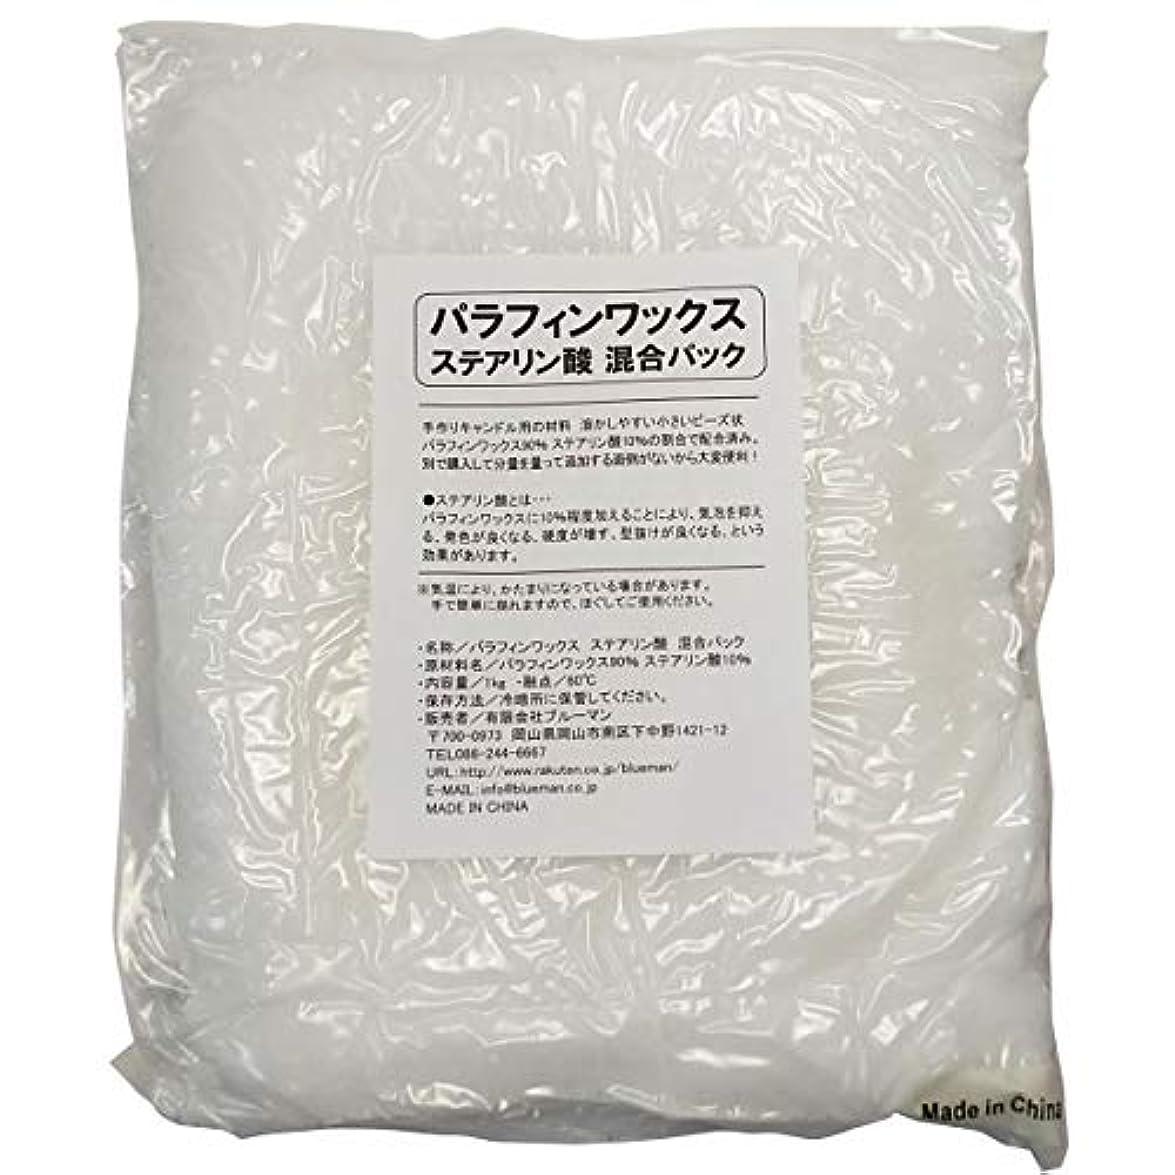 サークルのためそれるパラフィンワックス ステアリン酸 混合パック 1kg 手作りキャンドル 材料 1キロ アロマワックスサシェ